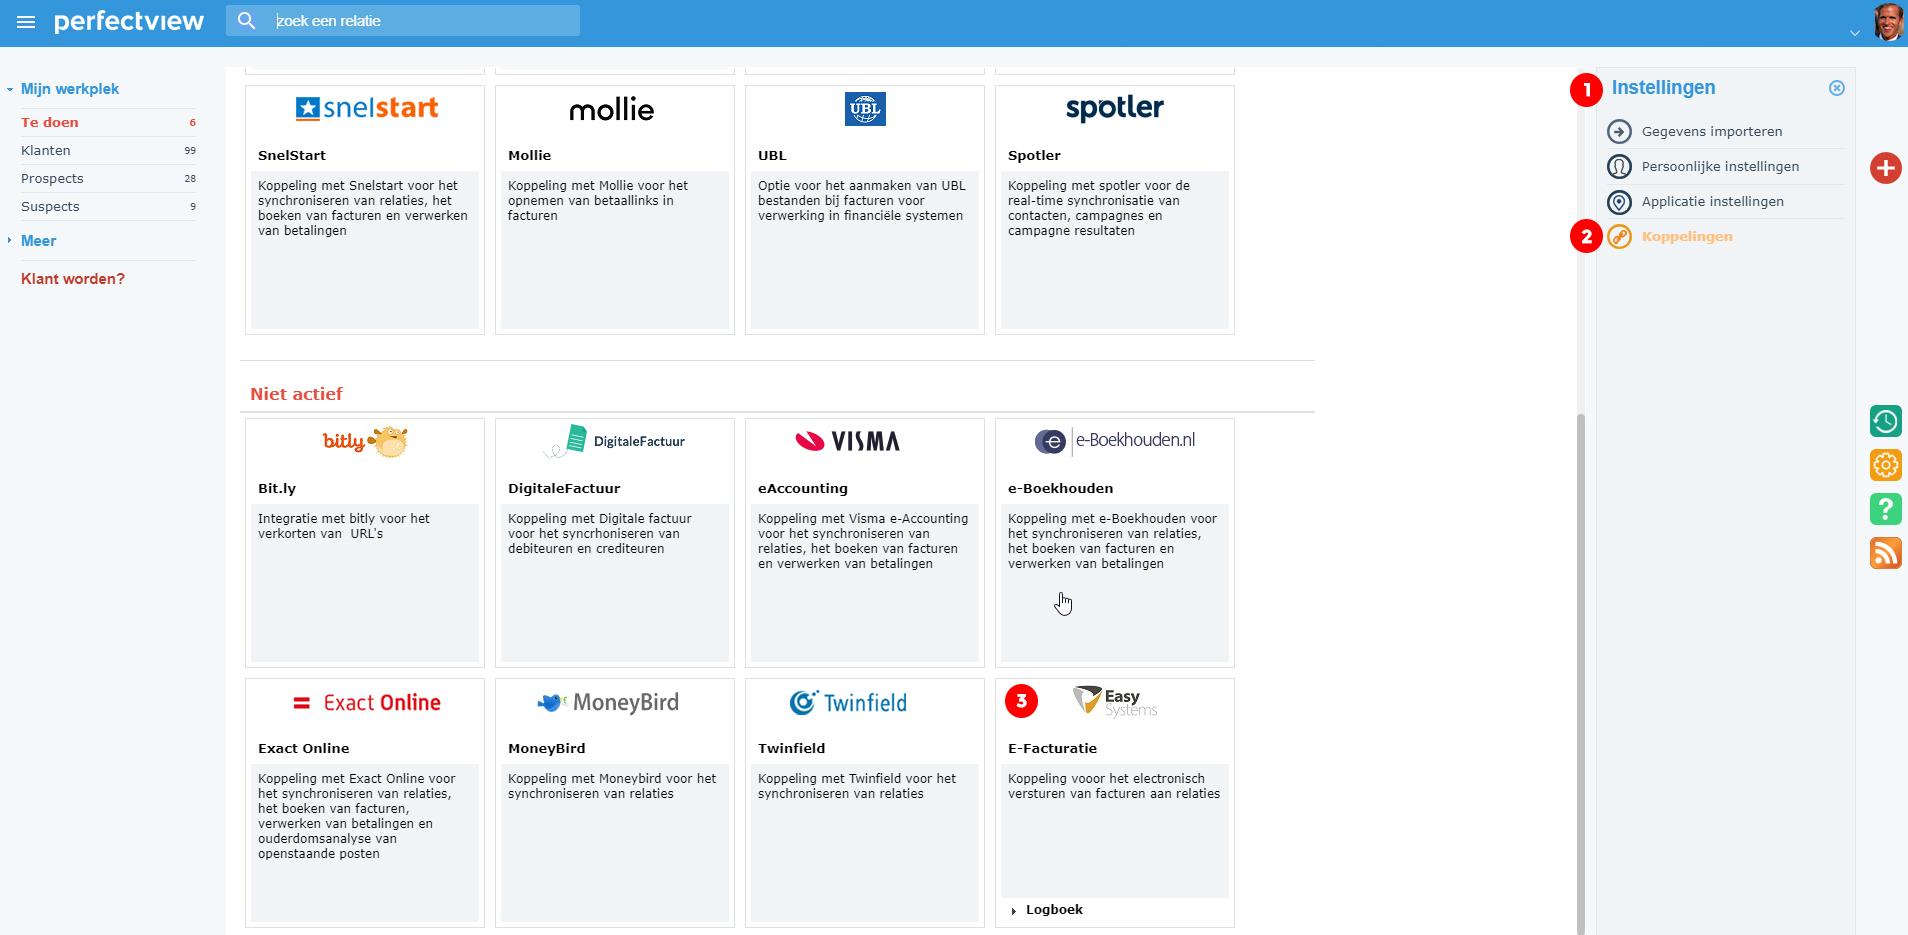 screenshot-perfectview-met-stappen